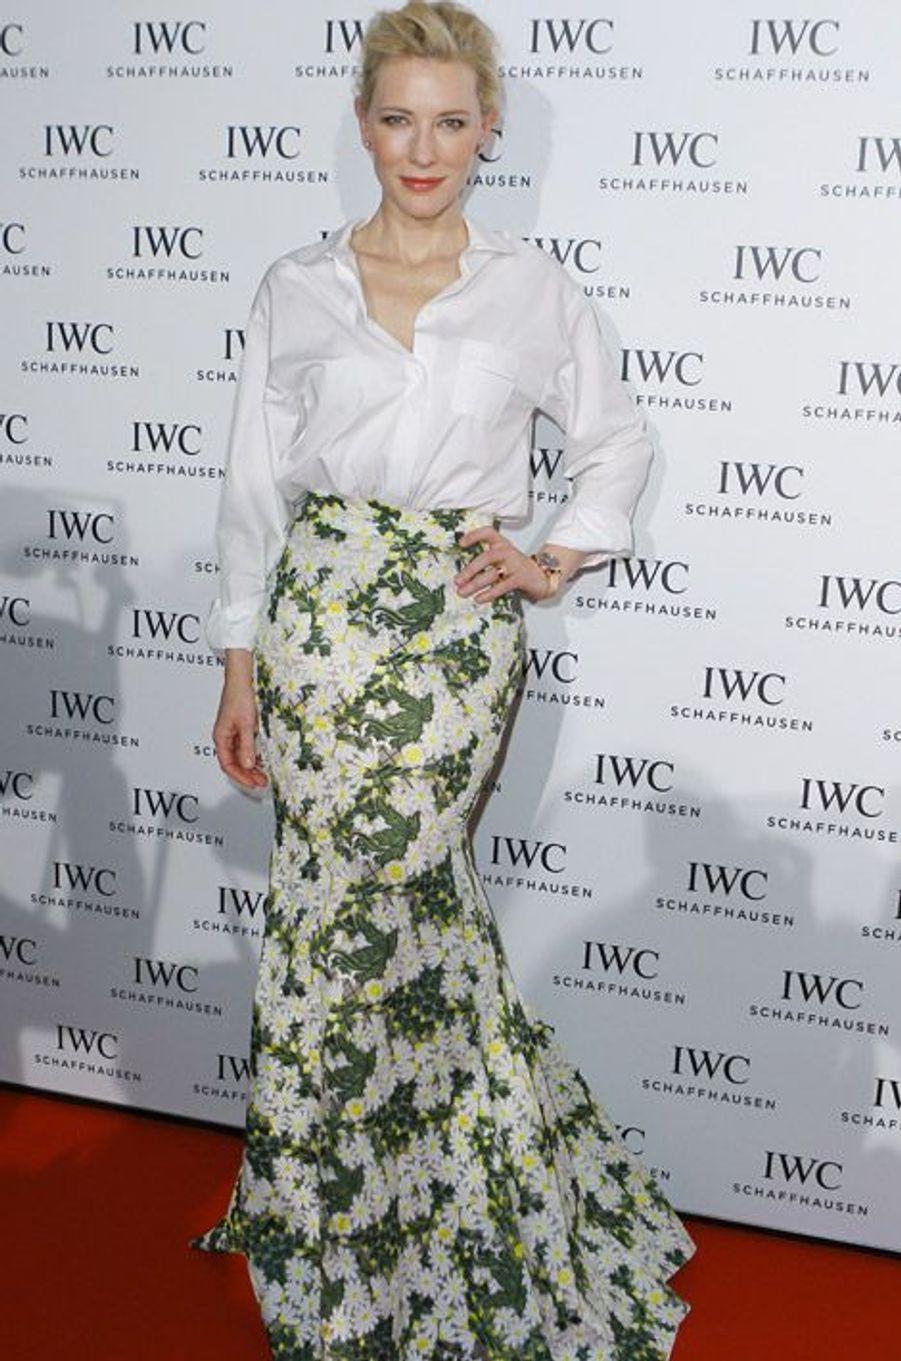 L'actrice Cate Blanchett en Giambattista Valli lors d'une soirée de gala à Zurich, le 27 septembre 2014